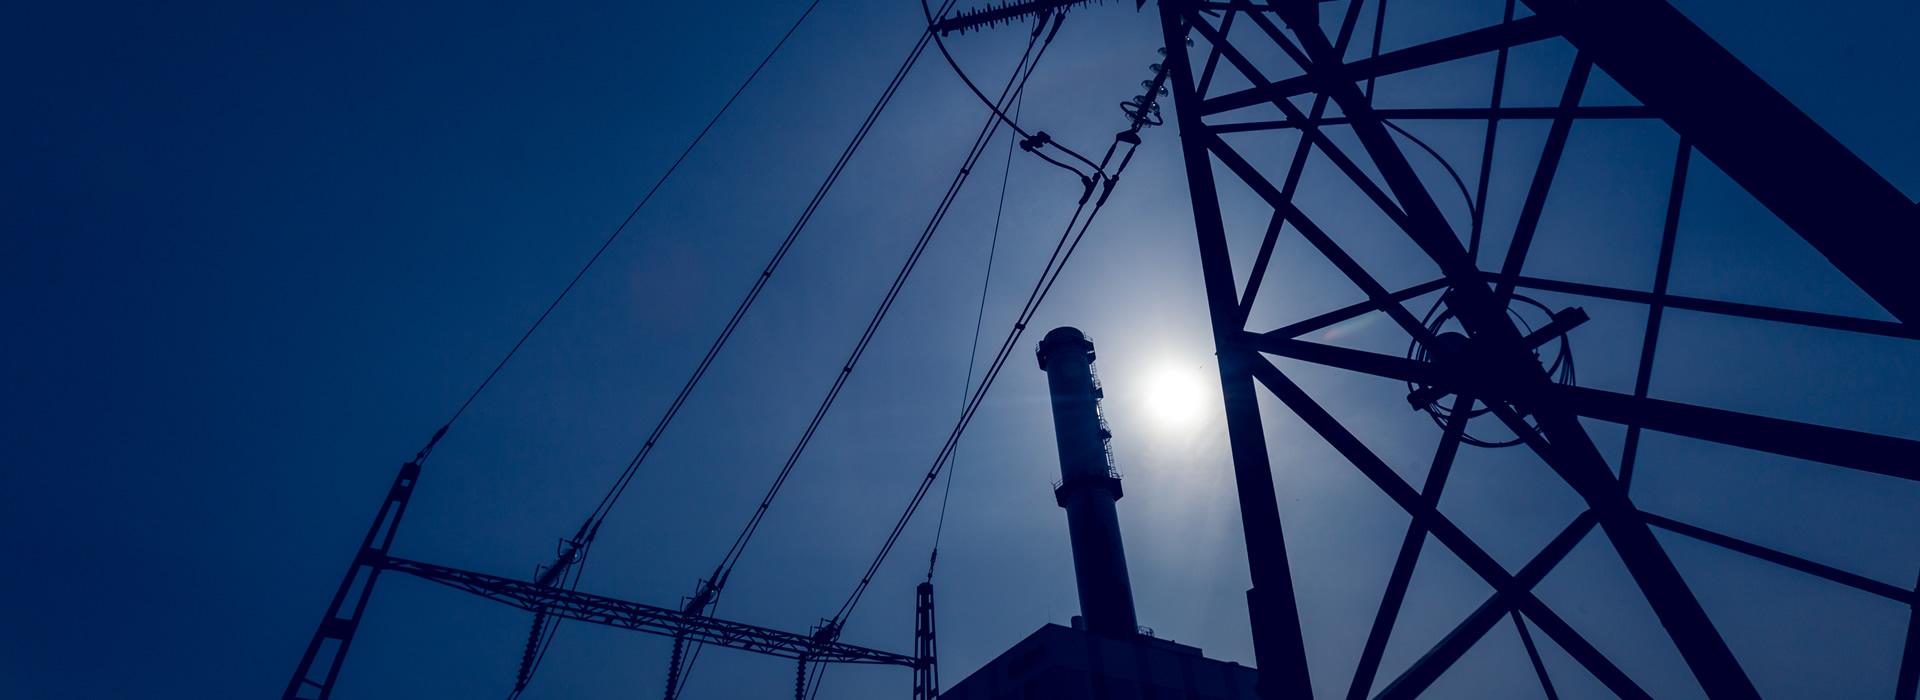 Bild på kraftledningar